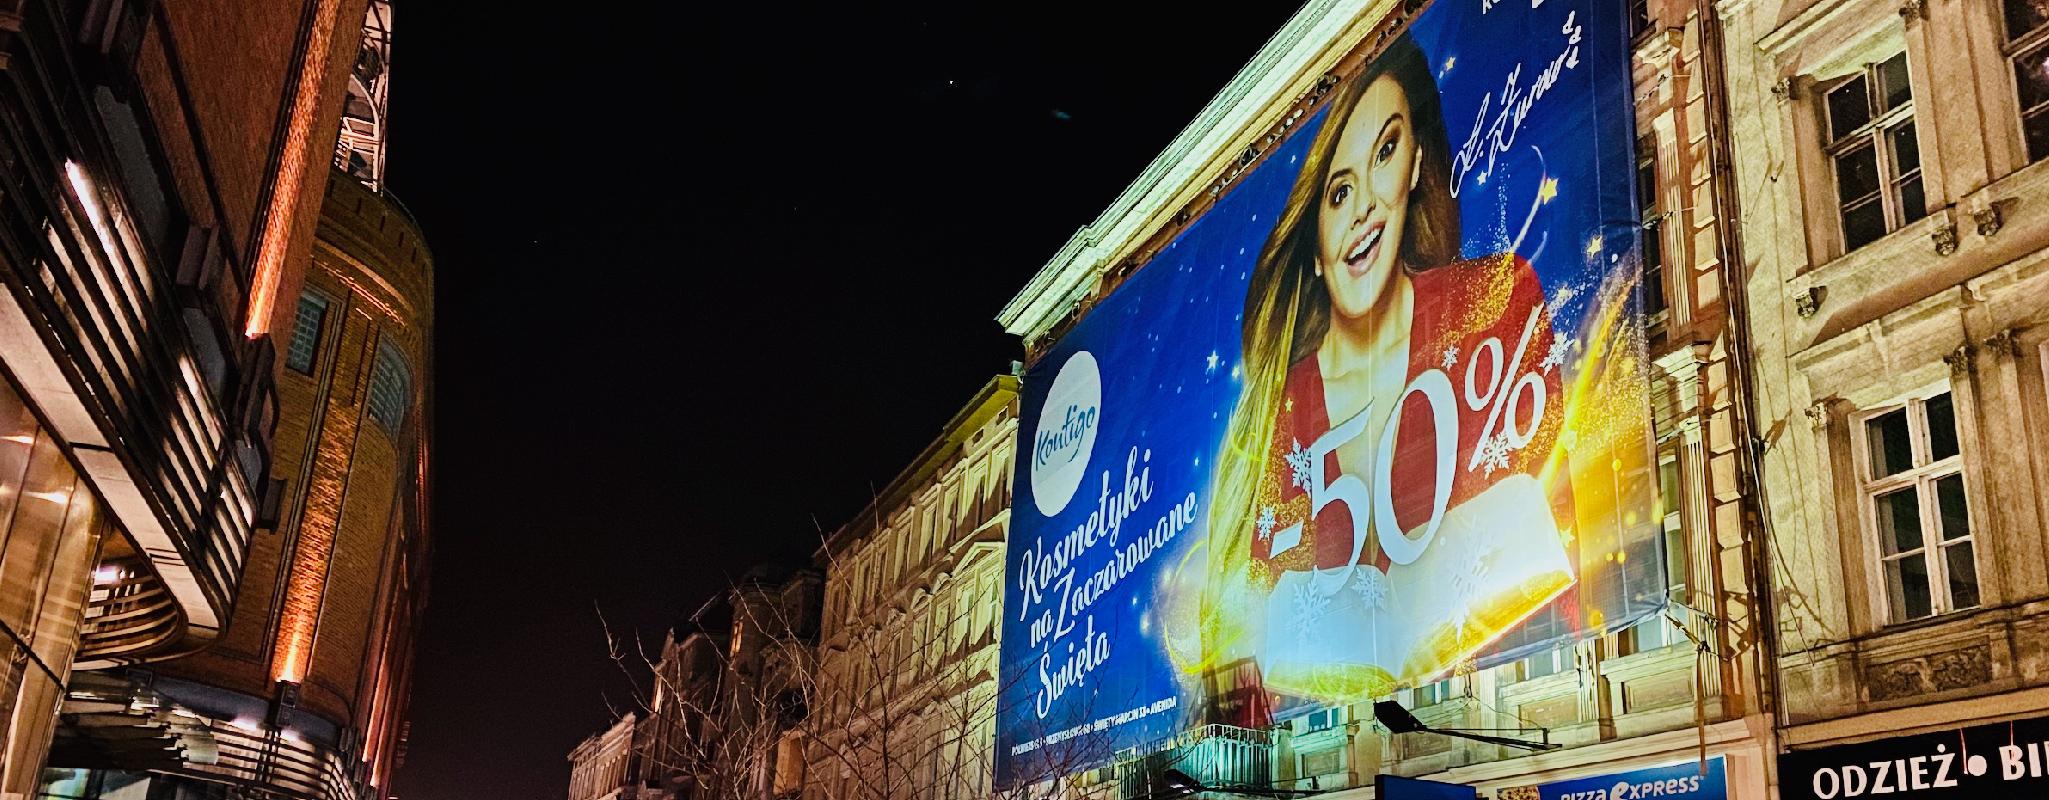 Reklama outdoor Poznań Półwiejska kampania Kontigo